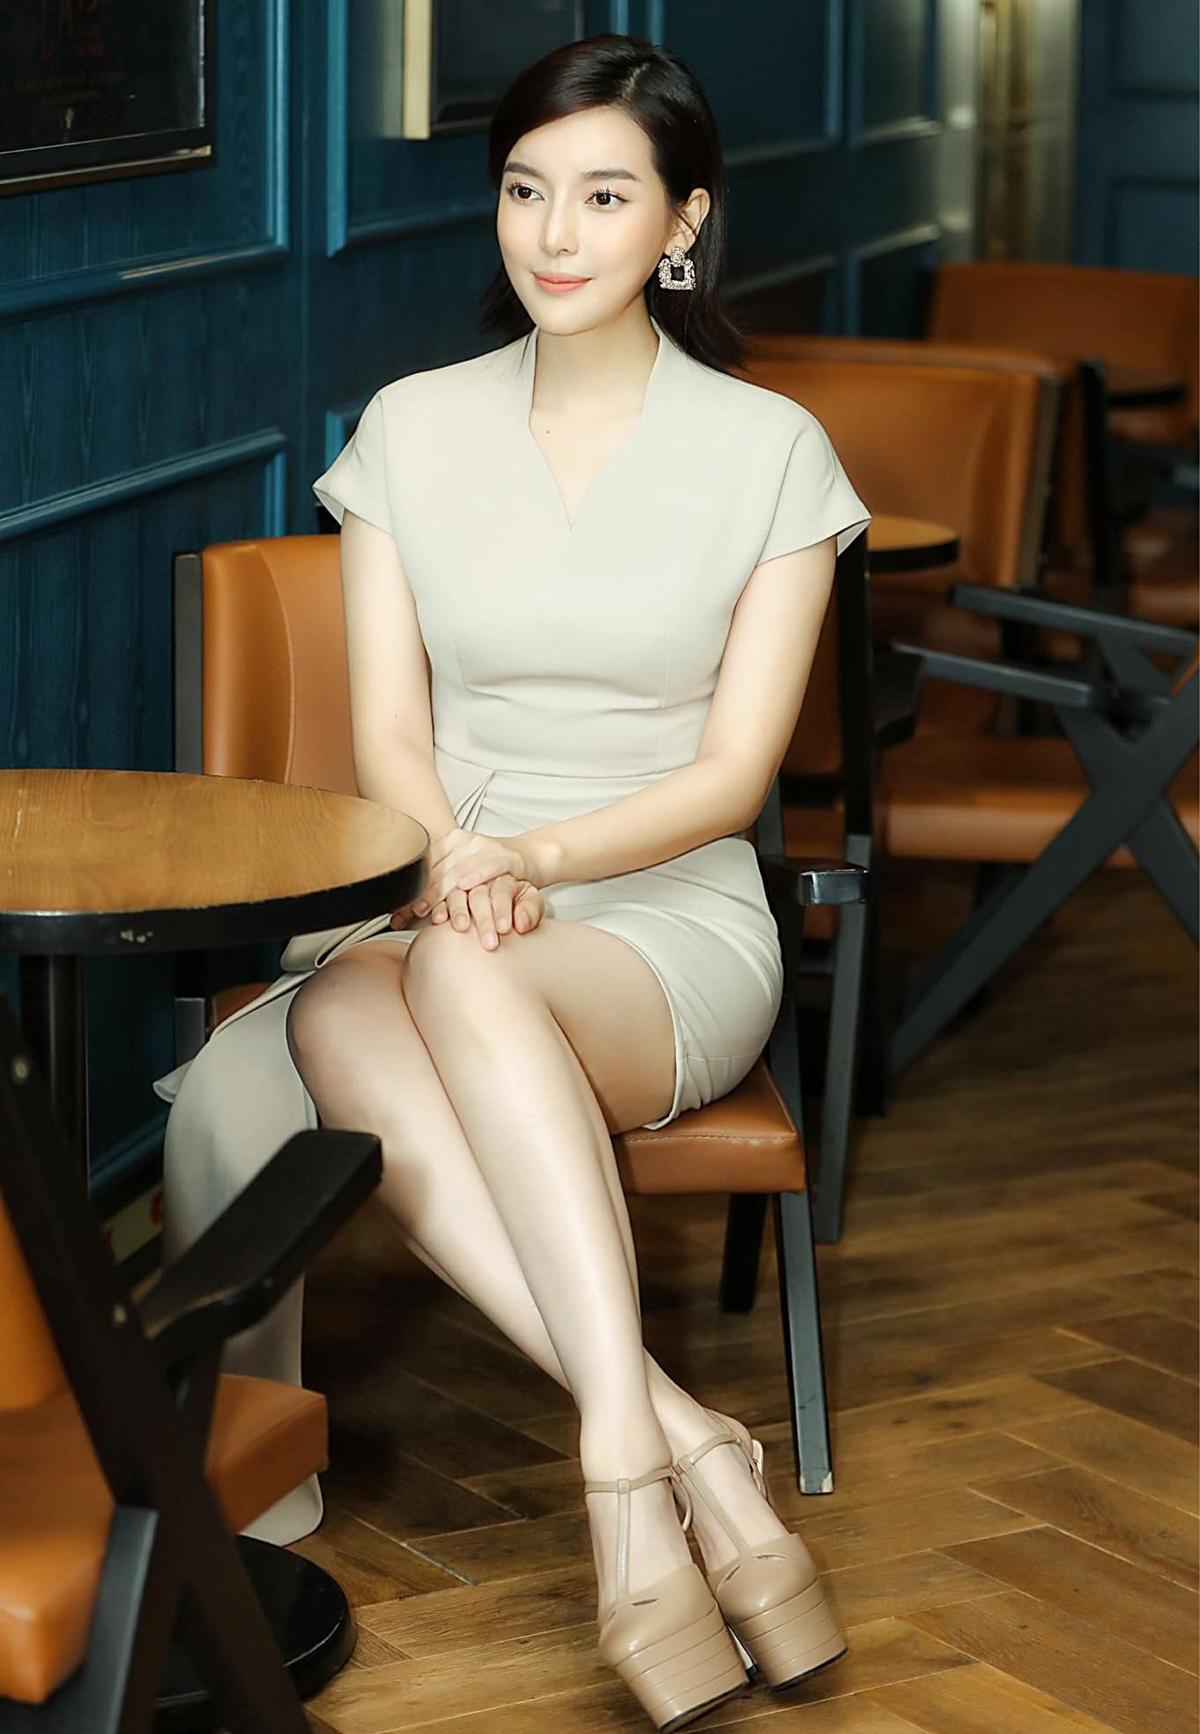 Ngoài suit hay váy giả vest, Cao Thái Hà còn thích những chiếc đầm cocktail với kiểu dáng kín đáo, khoe khéo vóc dáng.